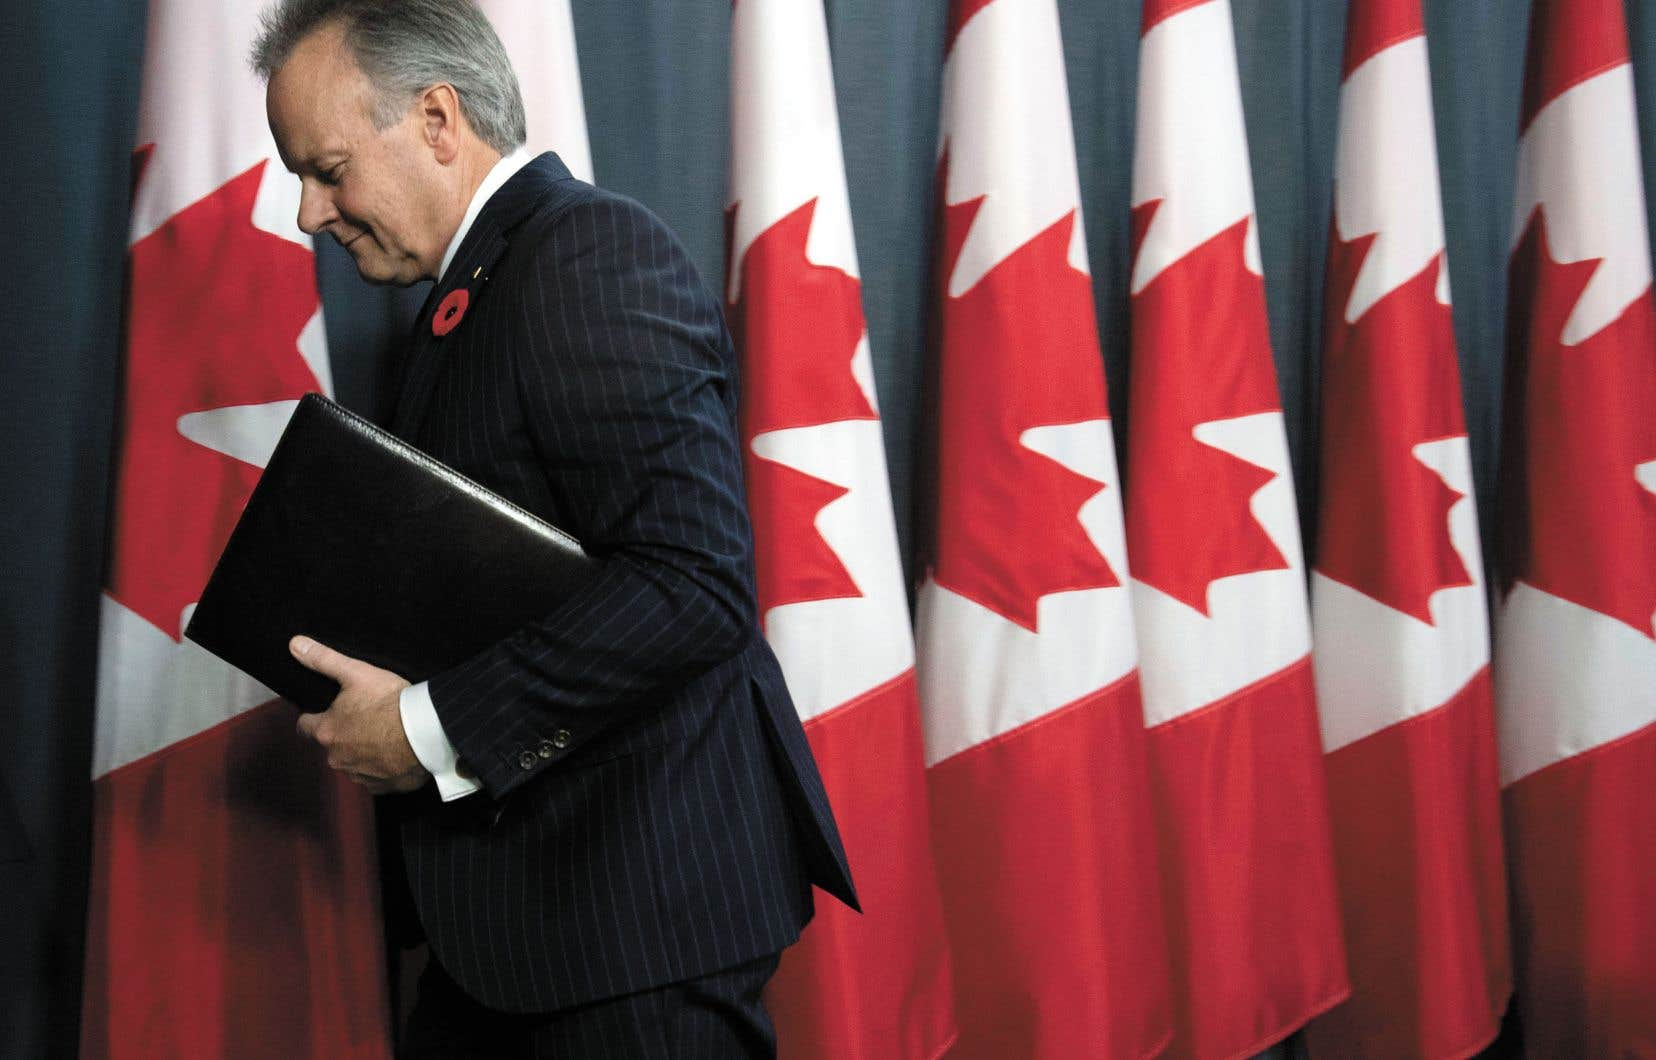 Le gouverneur de la Banque du Canada, Stephen Poloz, n'a pas fermé la porte à une éventuelle baisse du loyer de l'argent au pays si la situation économique devait se dégrader.